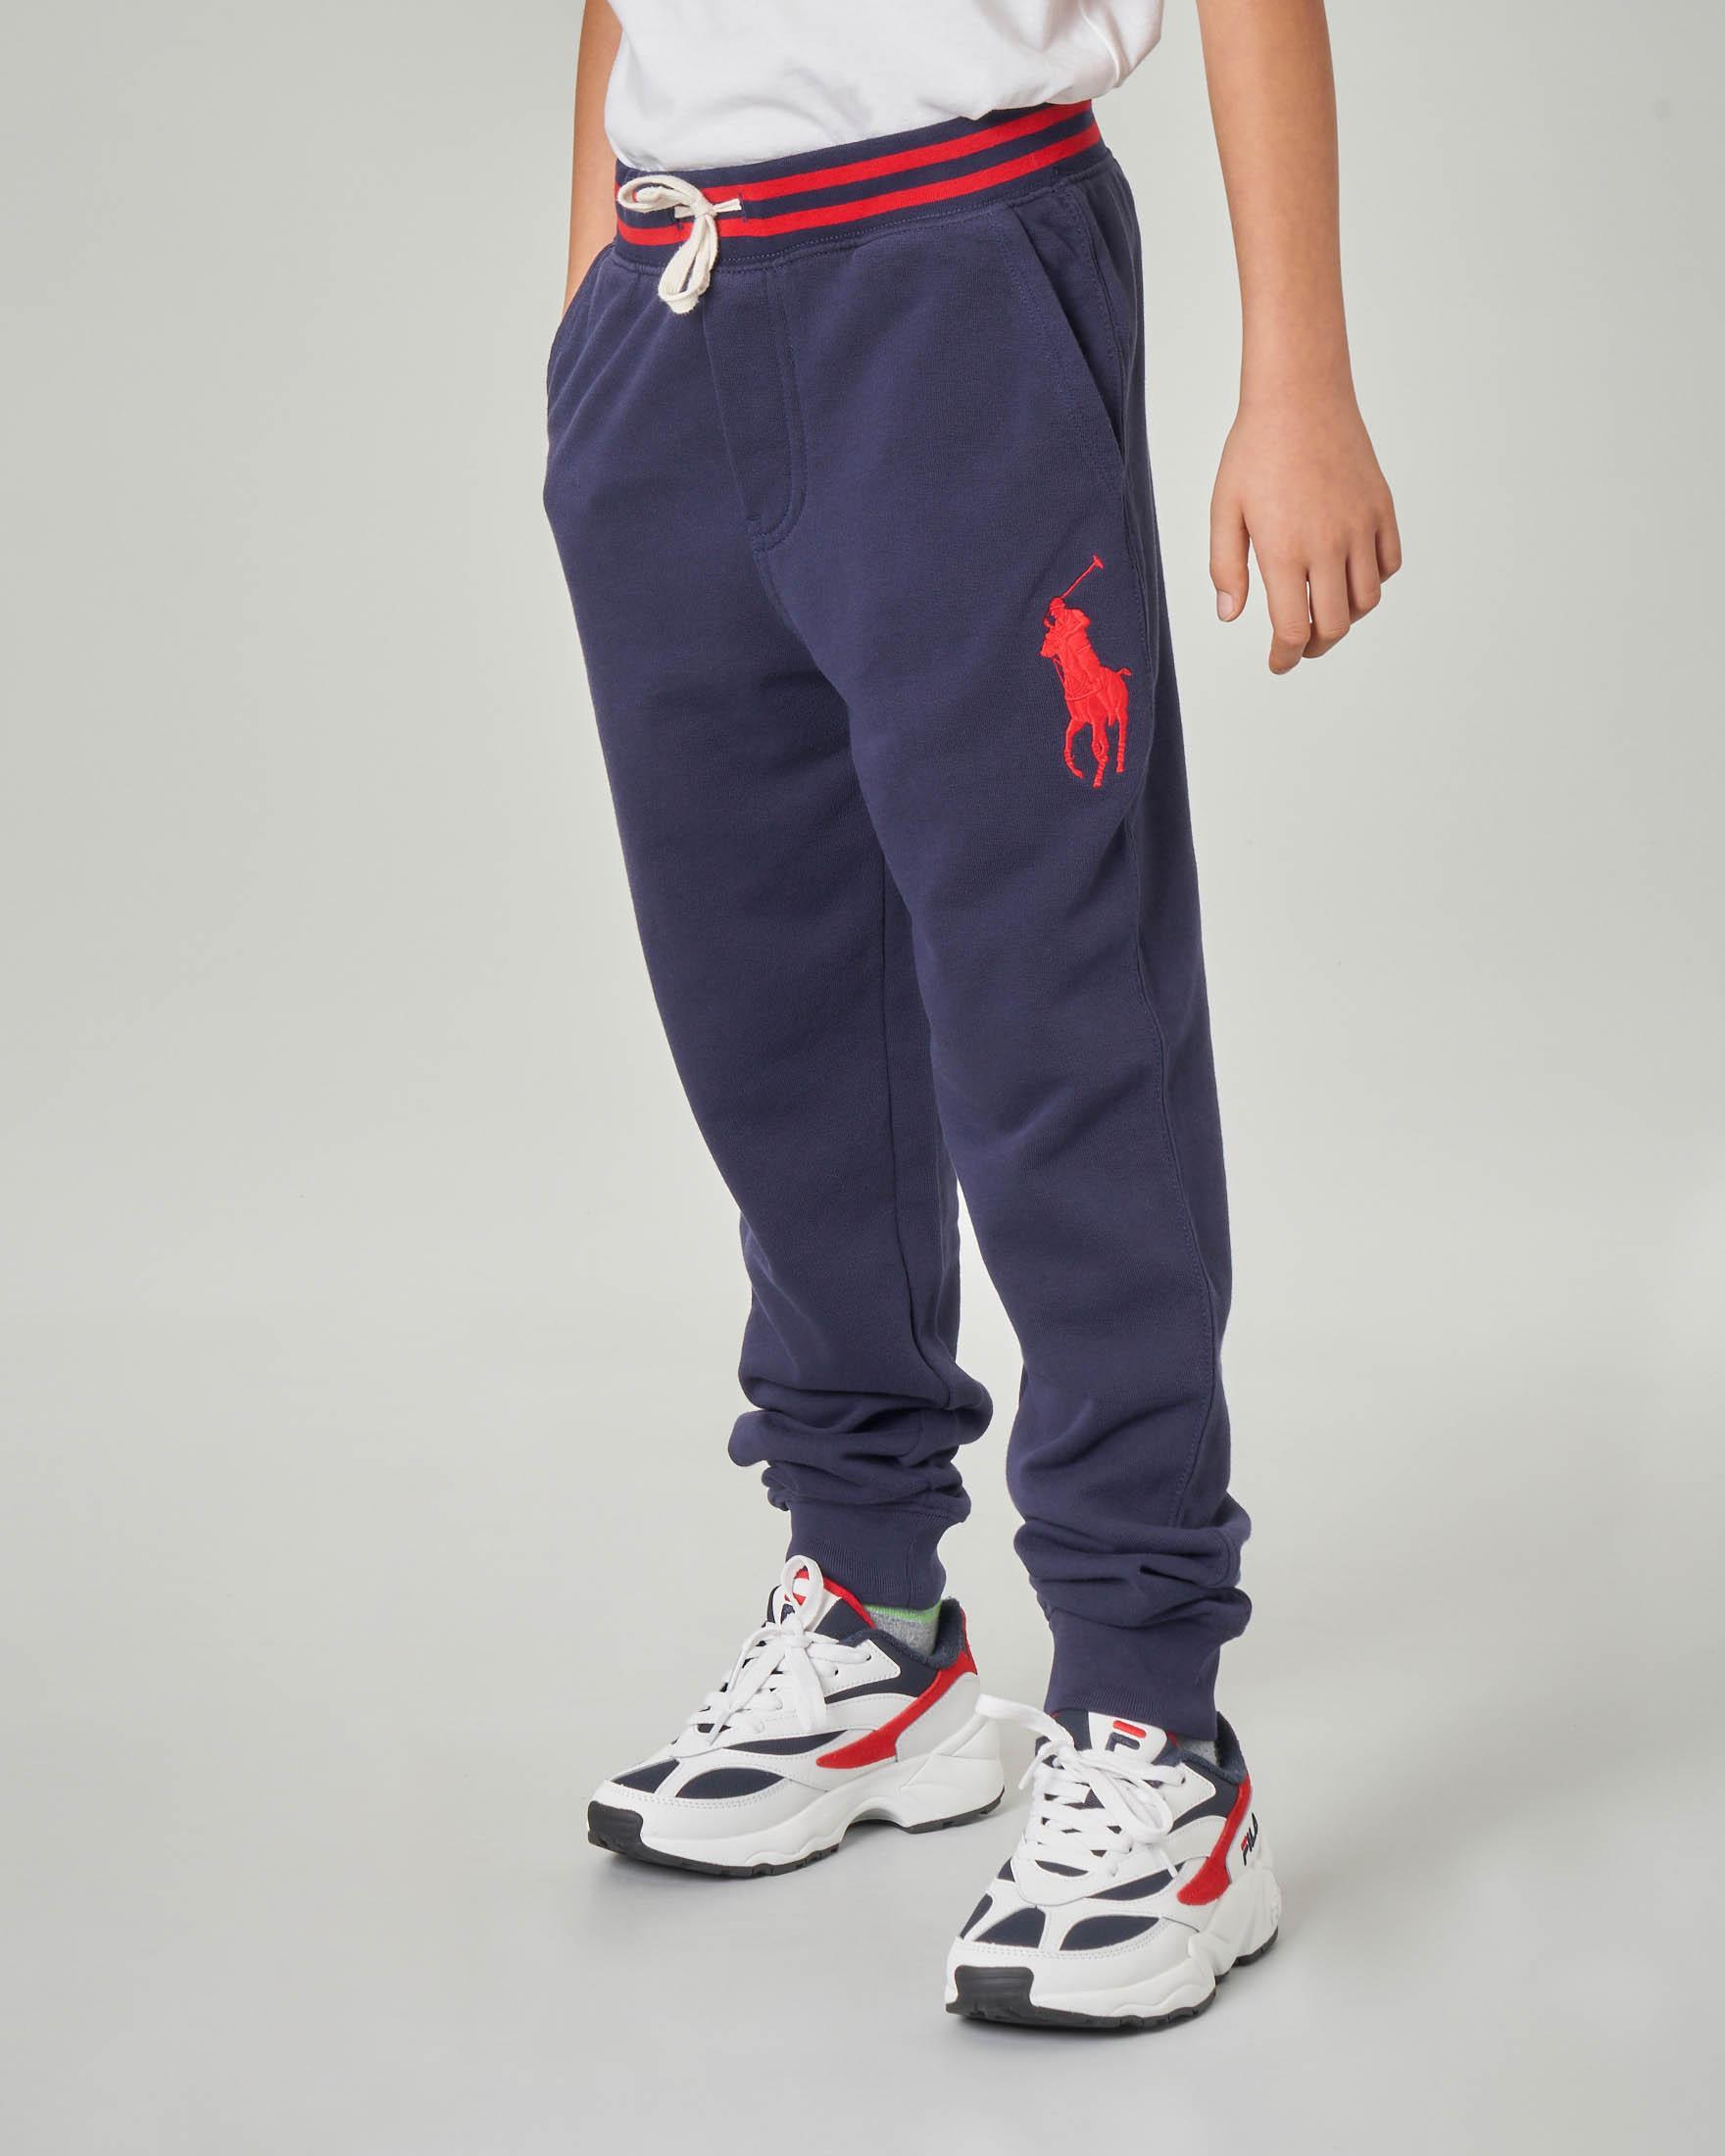 Pantalone blu in felpa con big-pony rosso ricamato S-XL